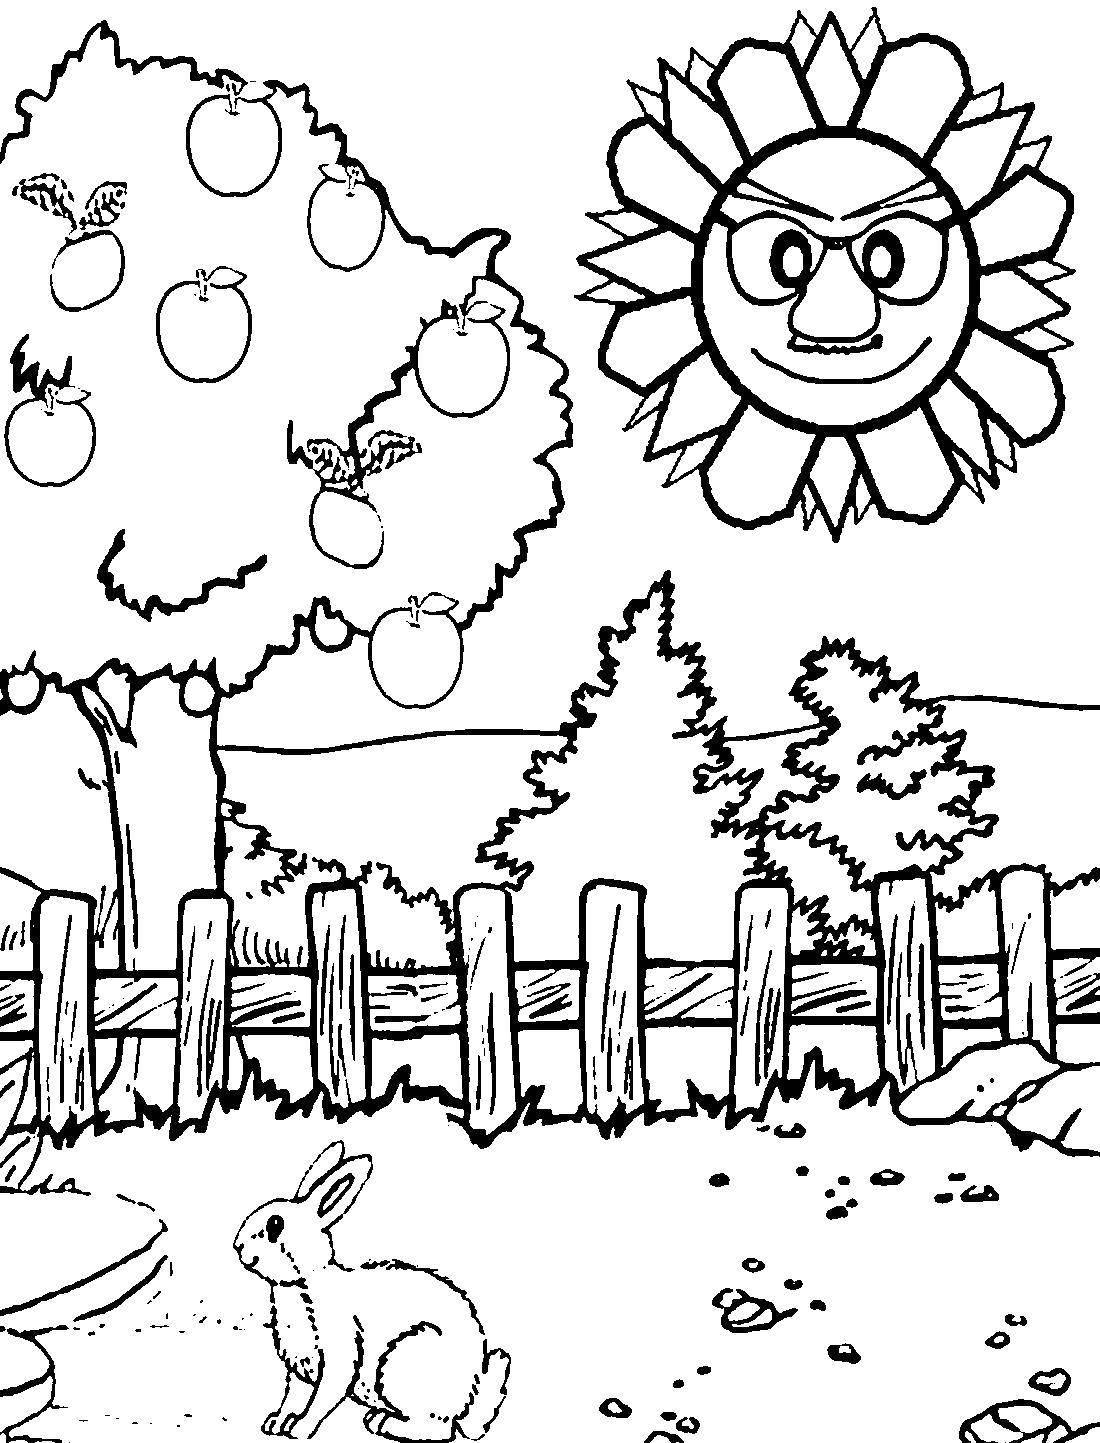 принять рисунок солнечного дня карандашом рака кузбассе выше